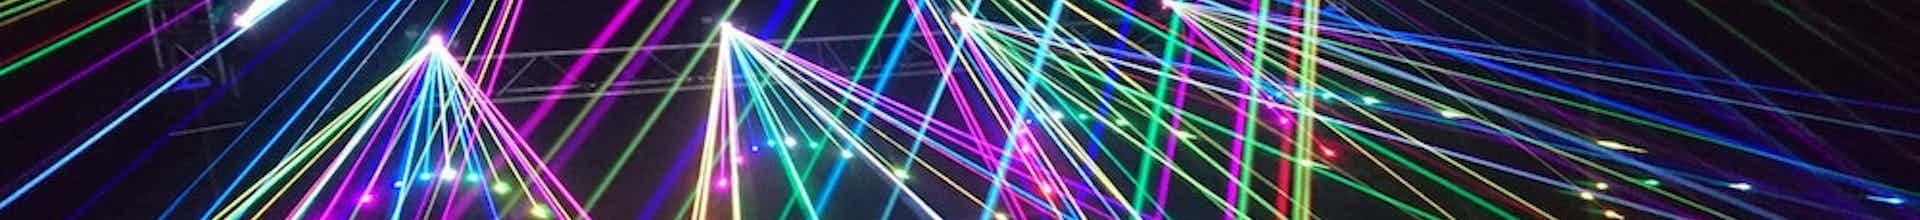 Lasershow boeken 1